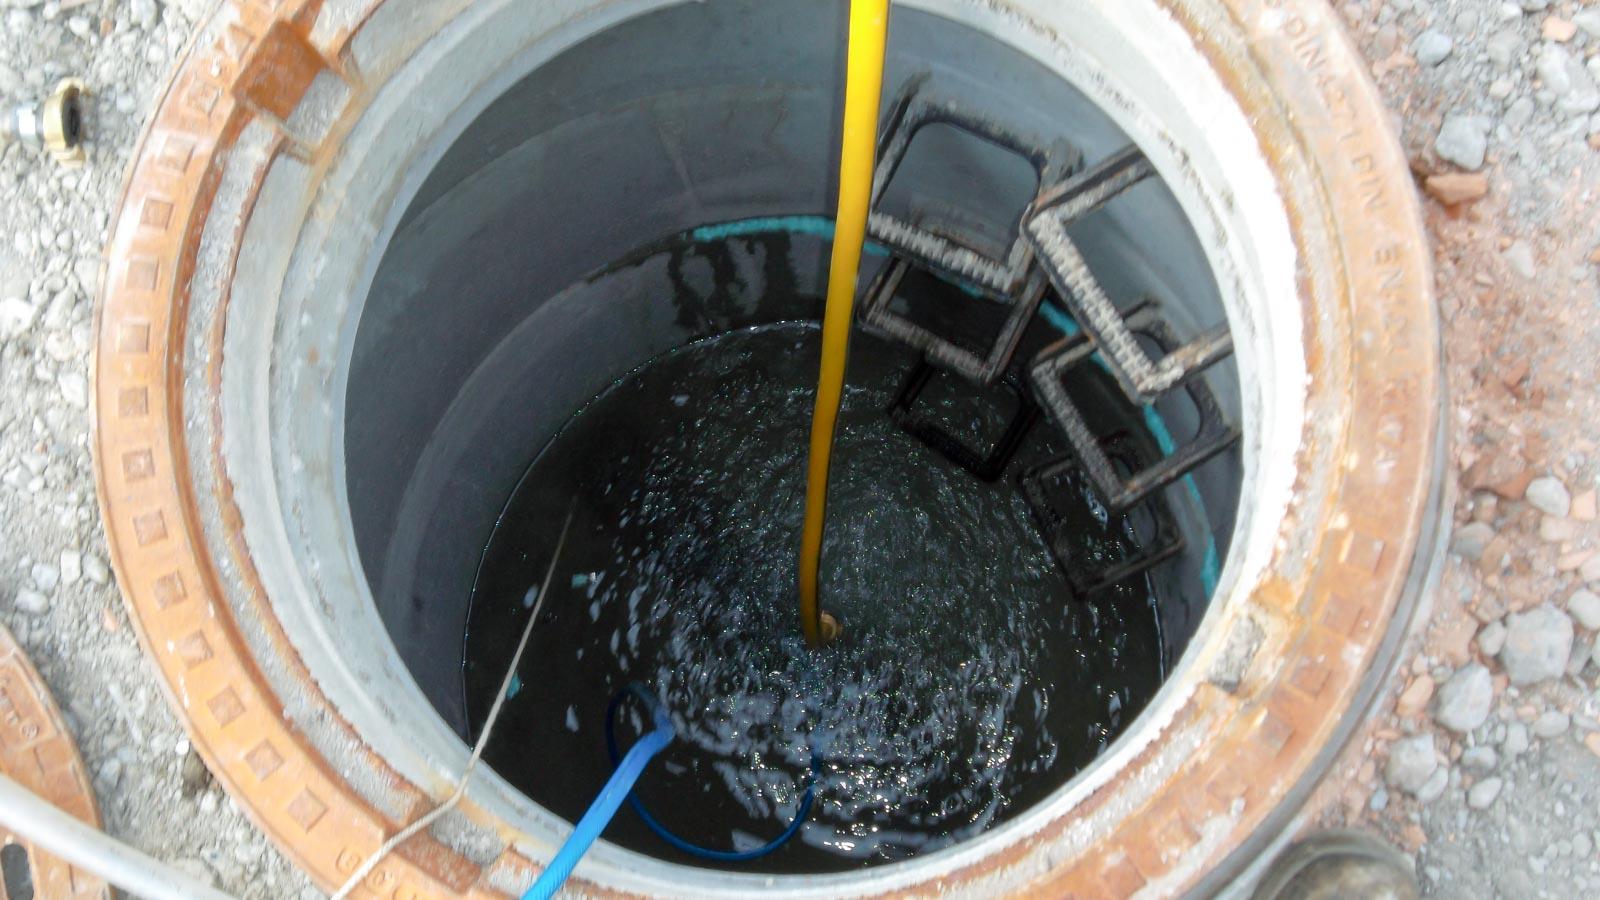 Blick von oben in einen geöffneten Abwasserkanal